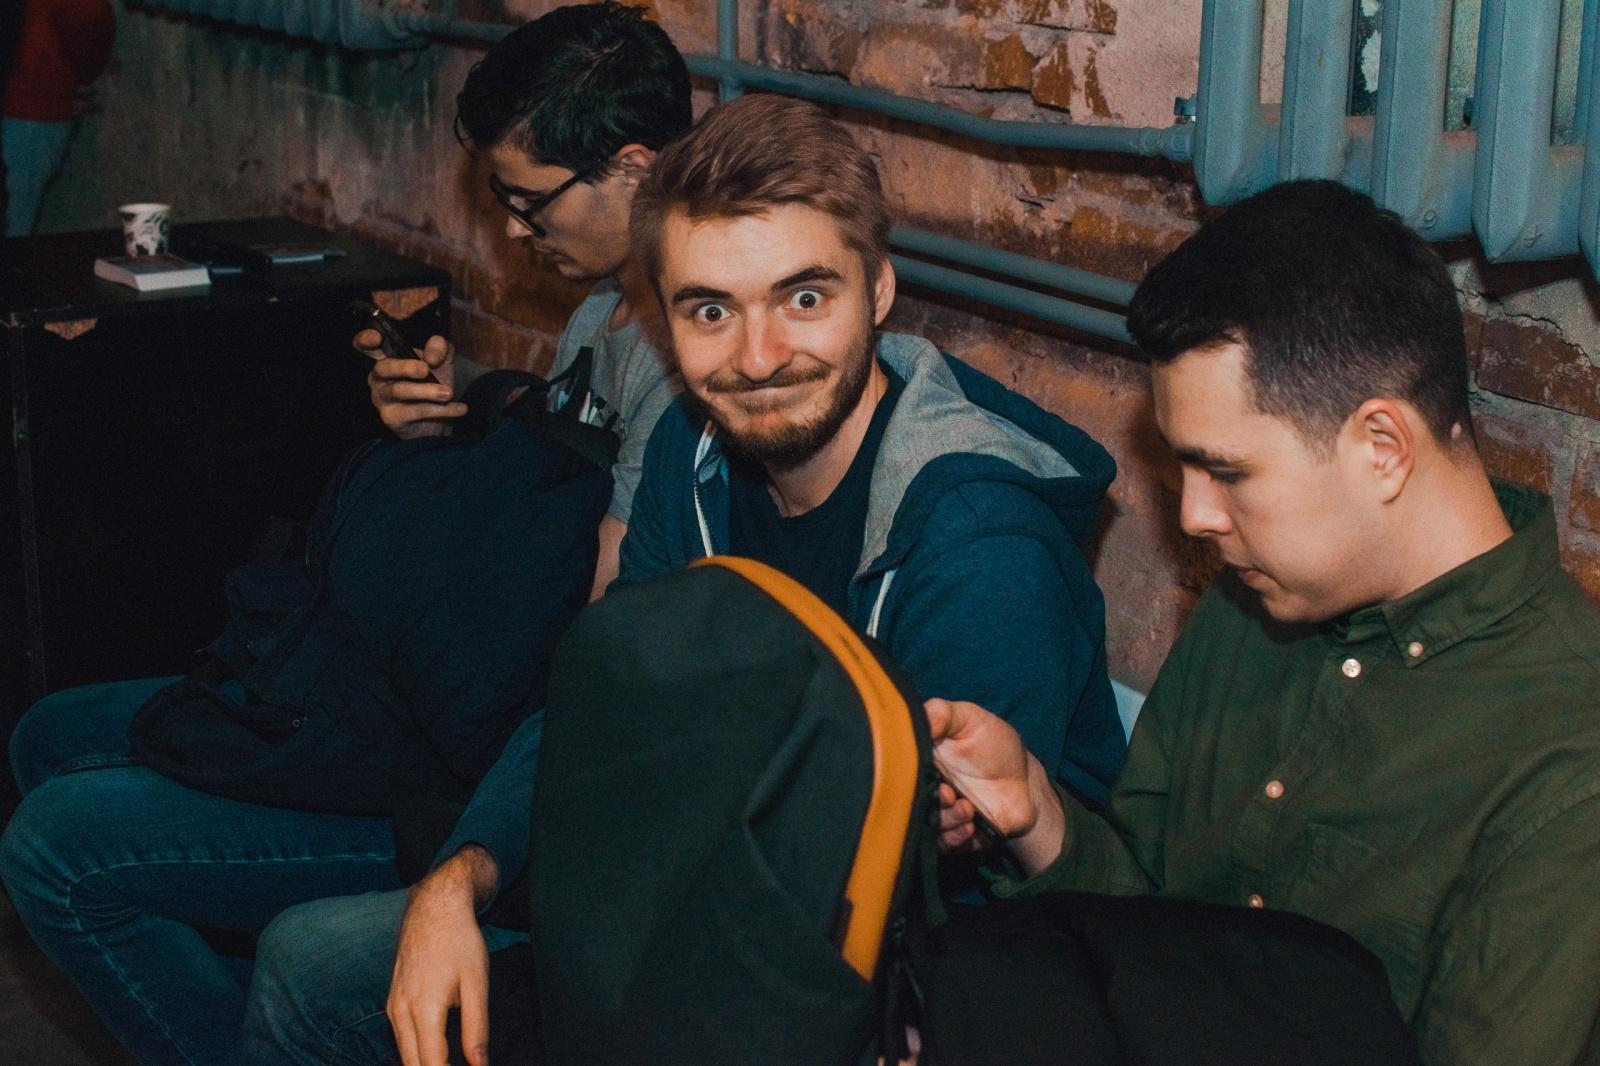 DotNetRu. 2019. Итоги - 12